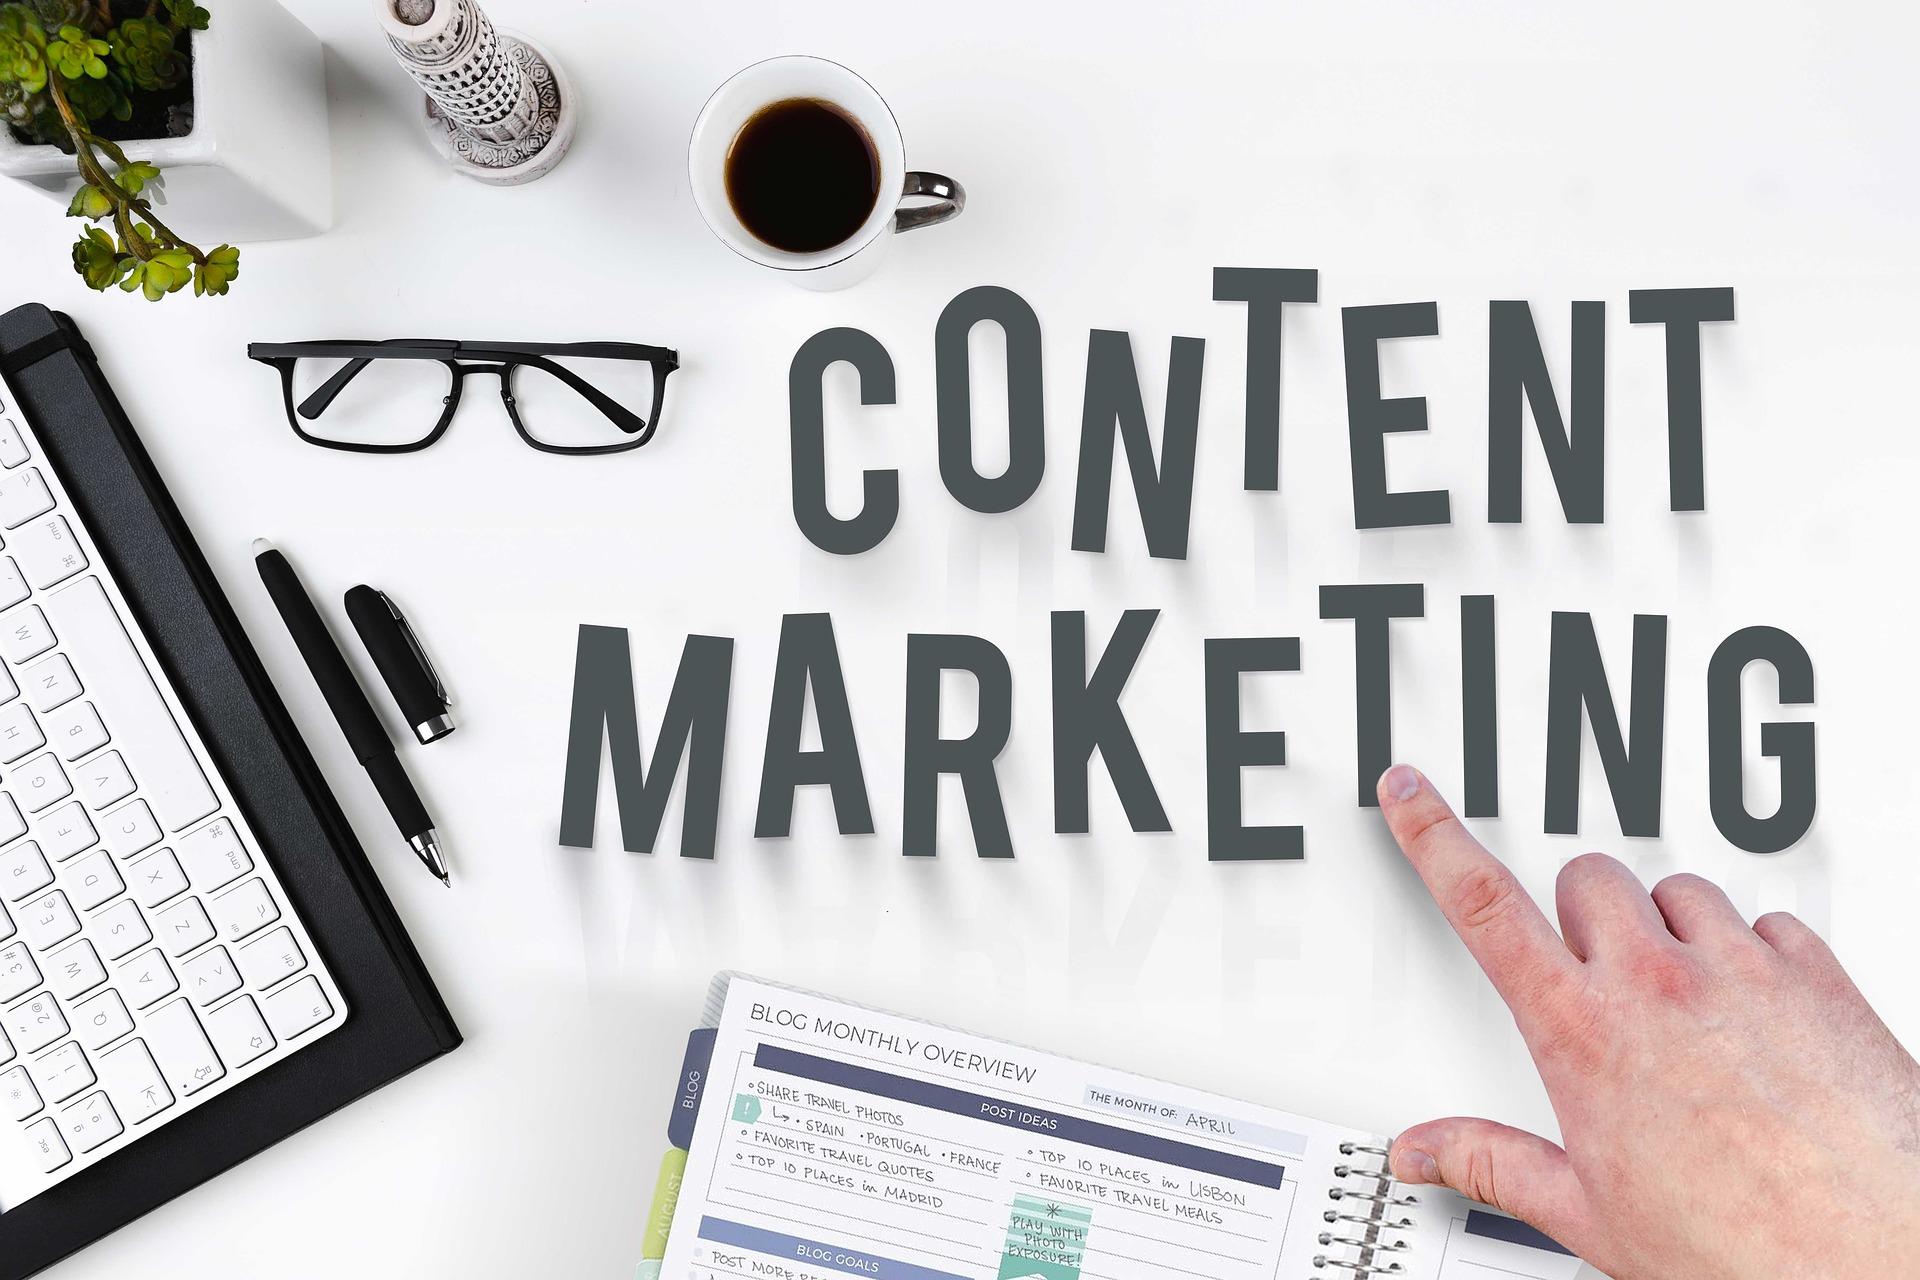 Verlagsservice MBH UG erklärt Content Marketing